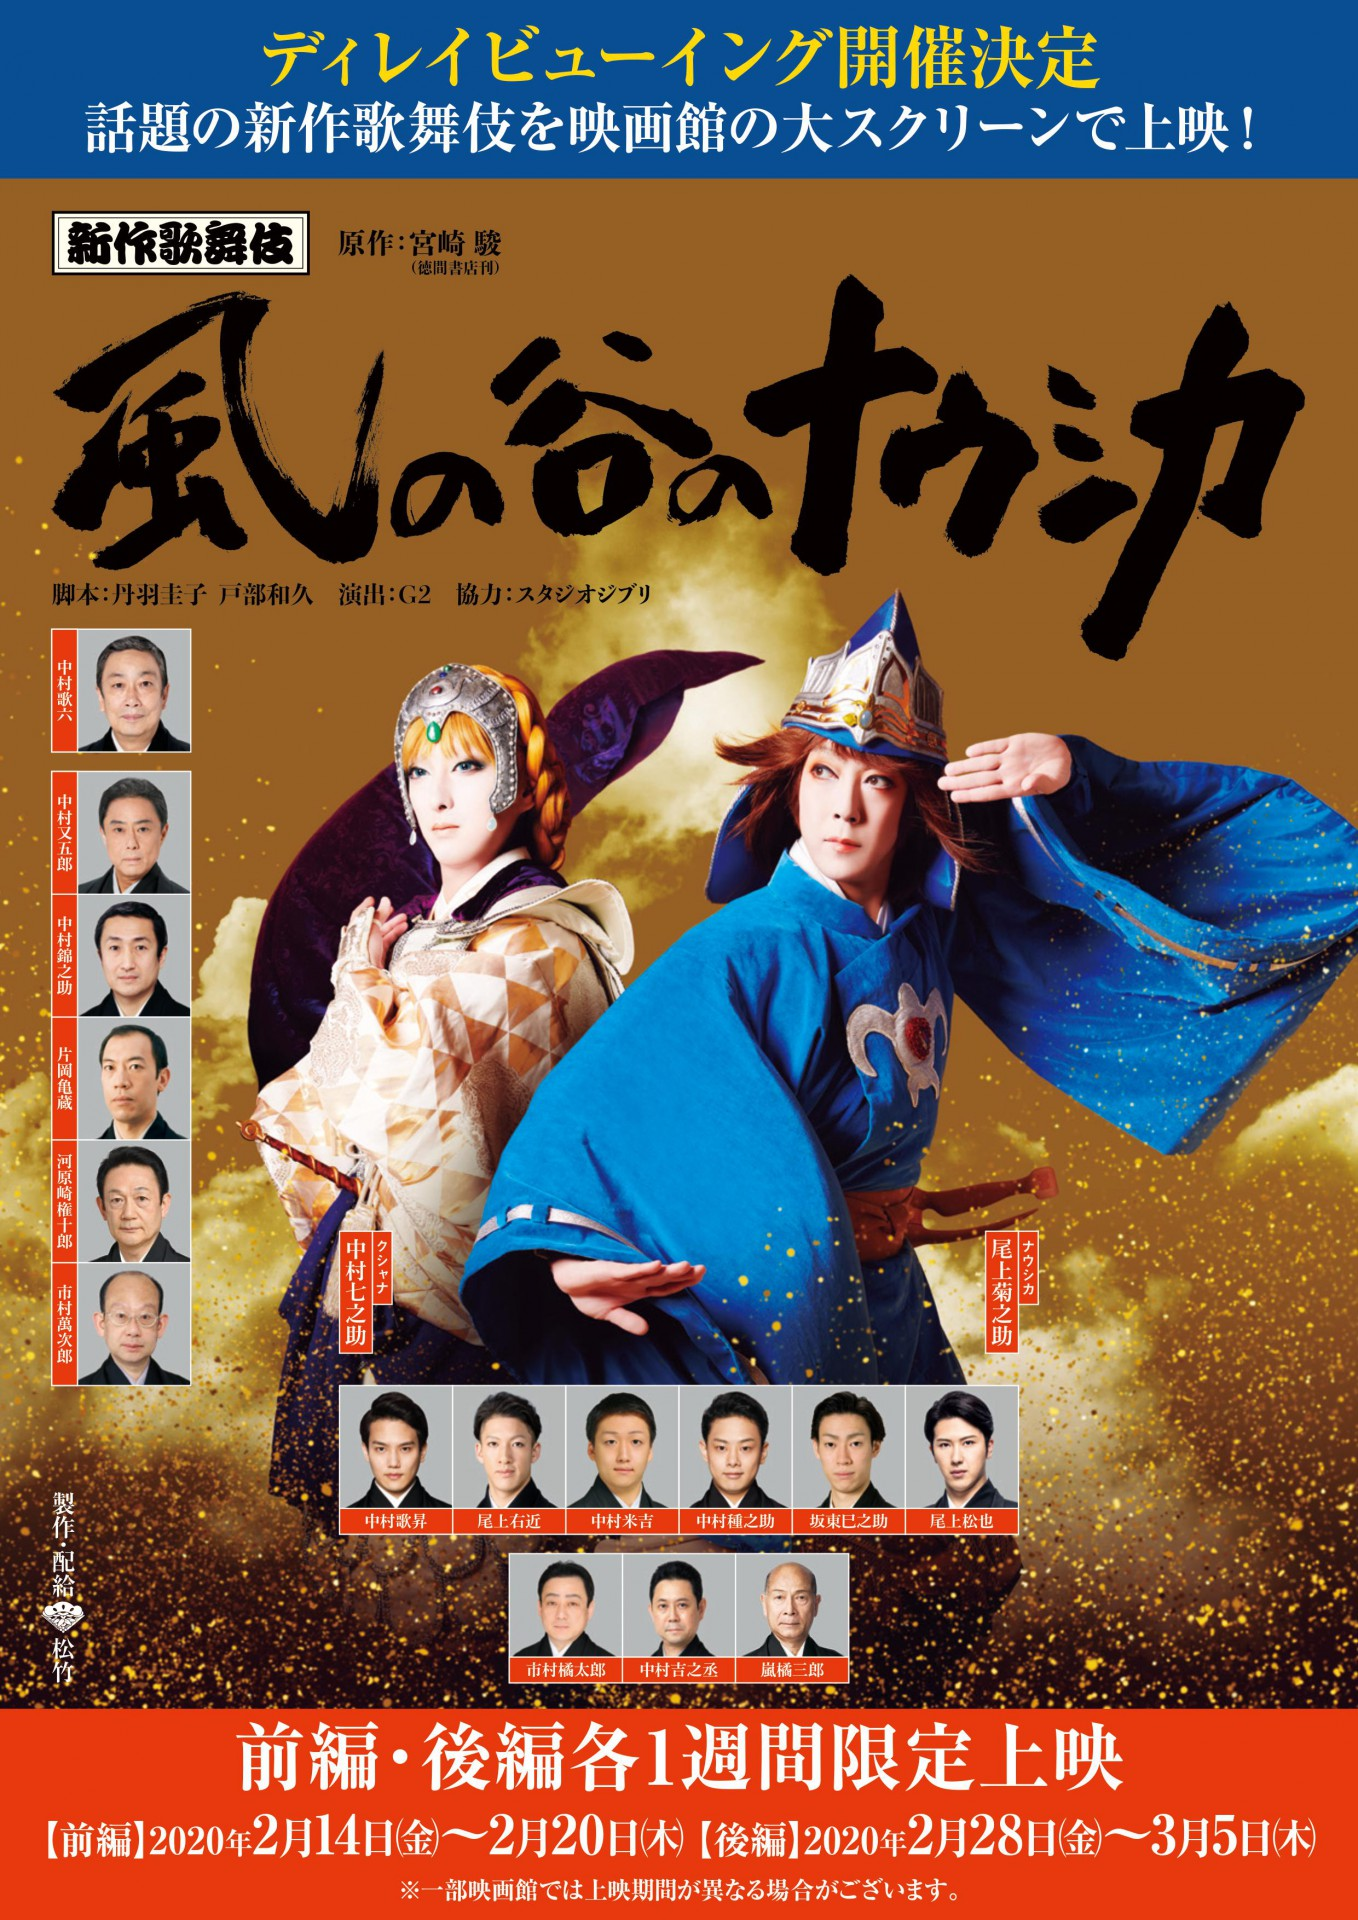 新作歌舞伎 「風の谷のナウシカ」前編ディレイビューイング